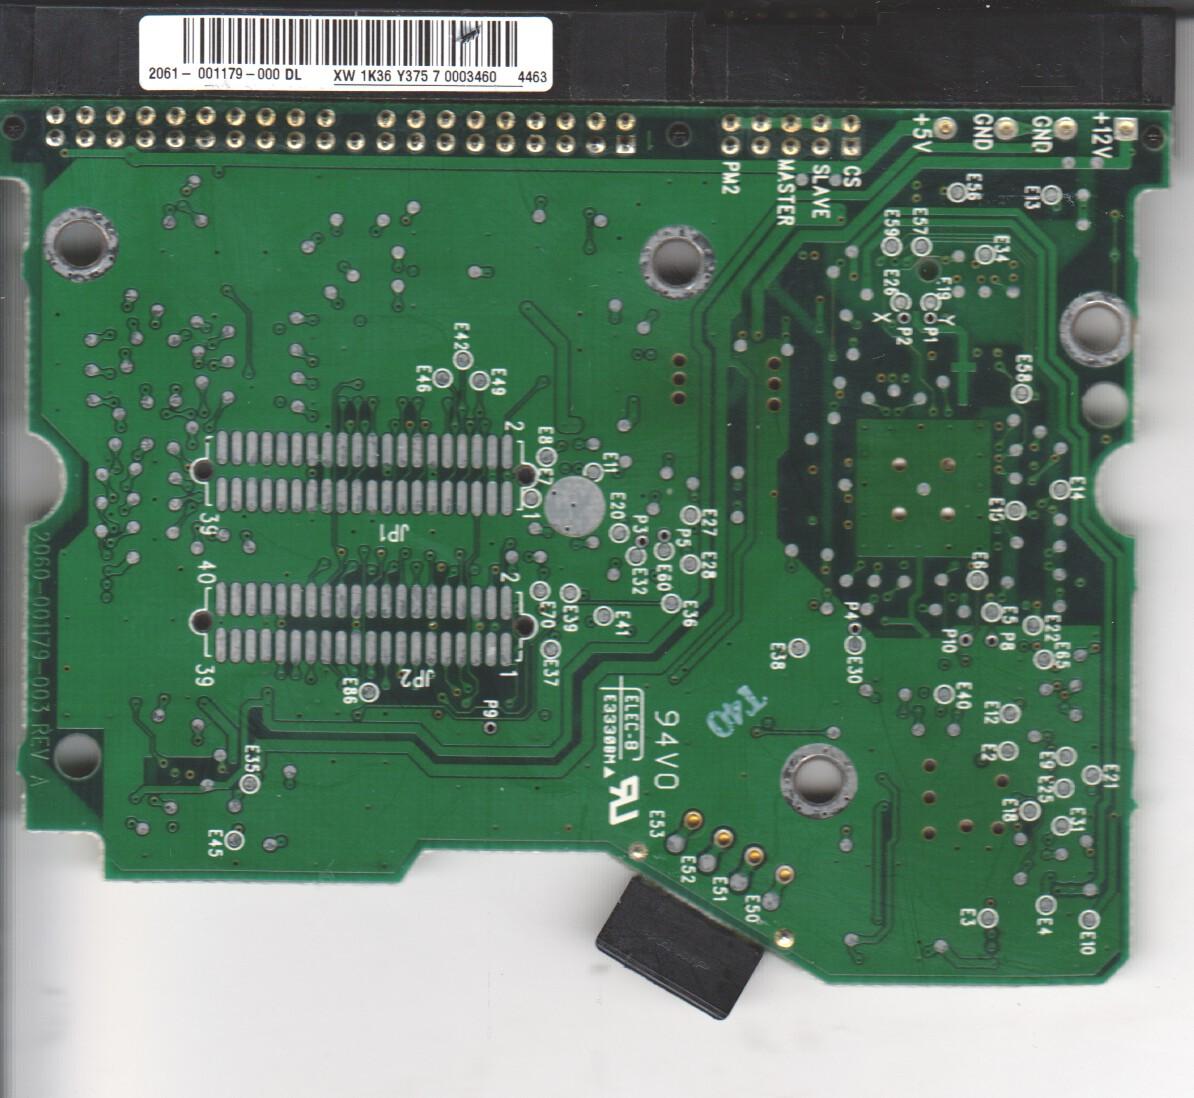 WD2500JB-00FUA0, 2061-001179-000 DL, WD IDE 3.5 PCB